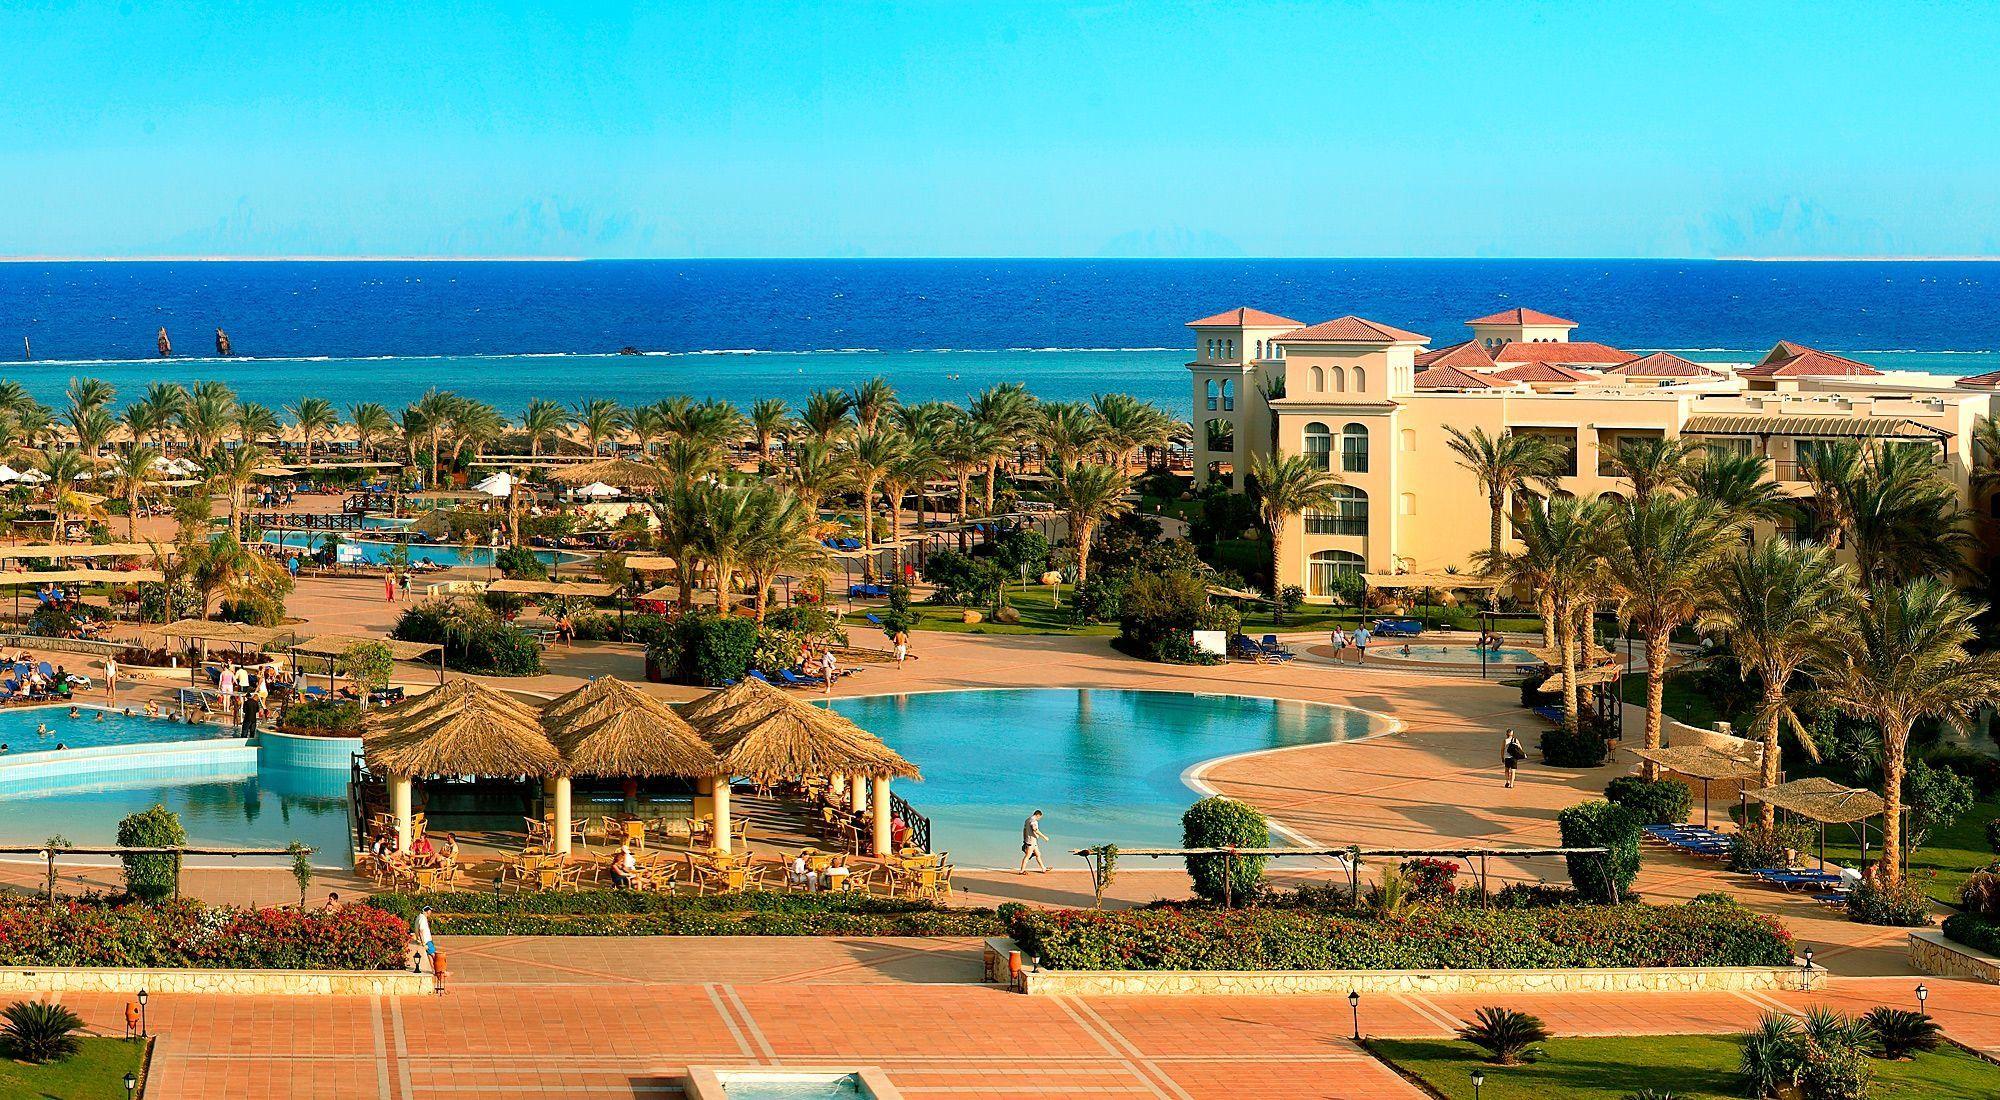 Jaz Mirabel Beach Sharm El Sheikh Egypt